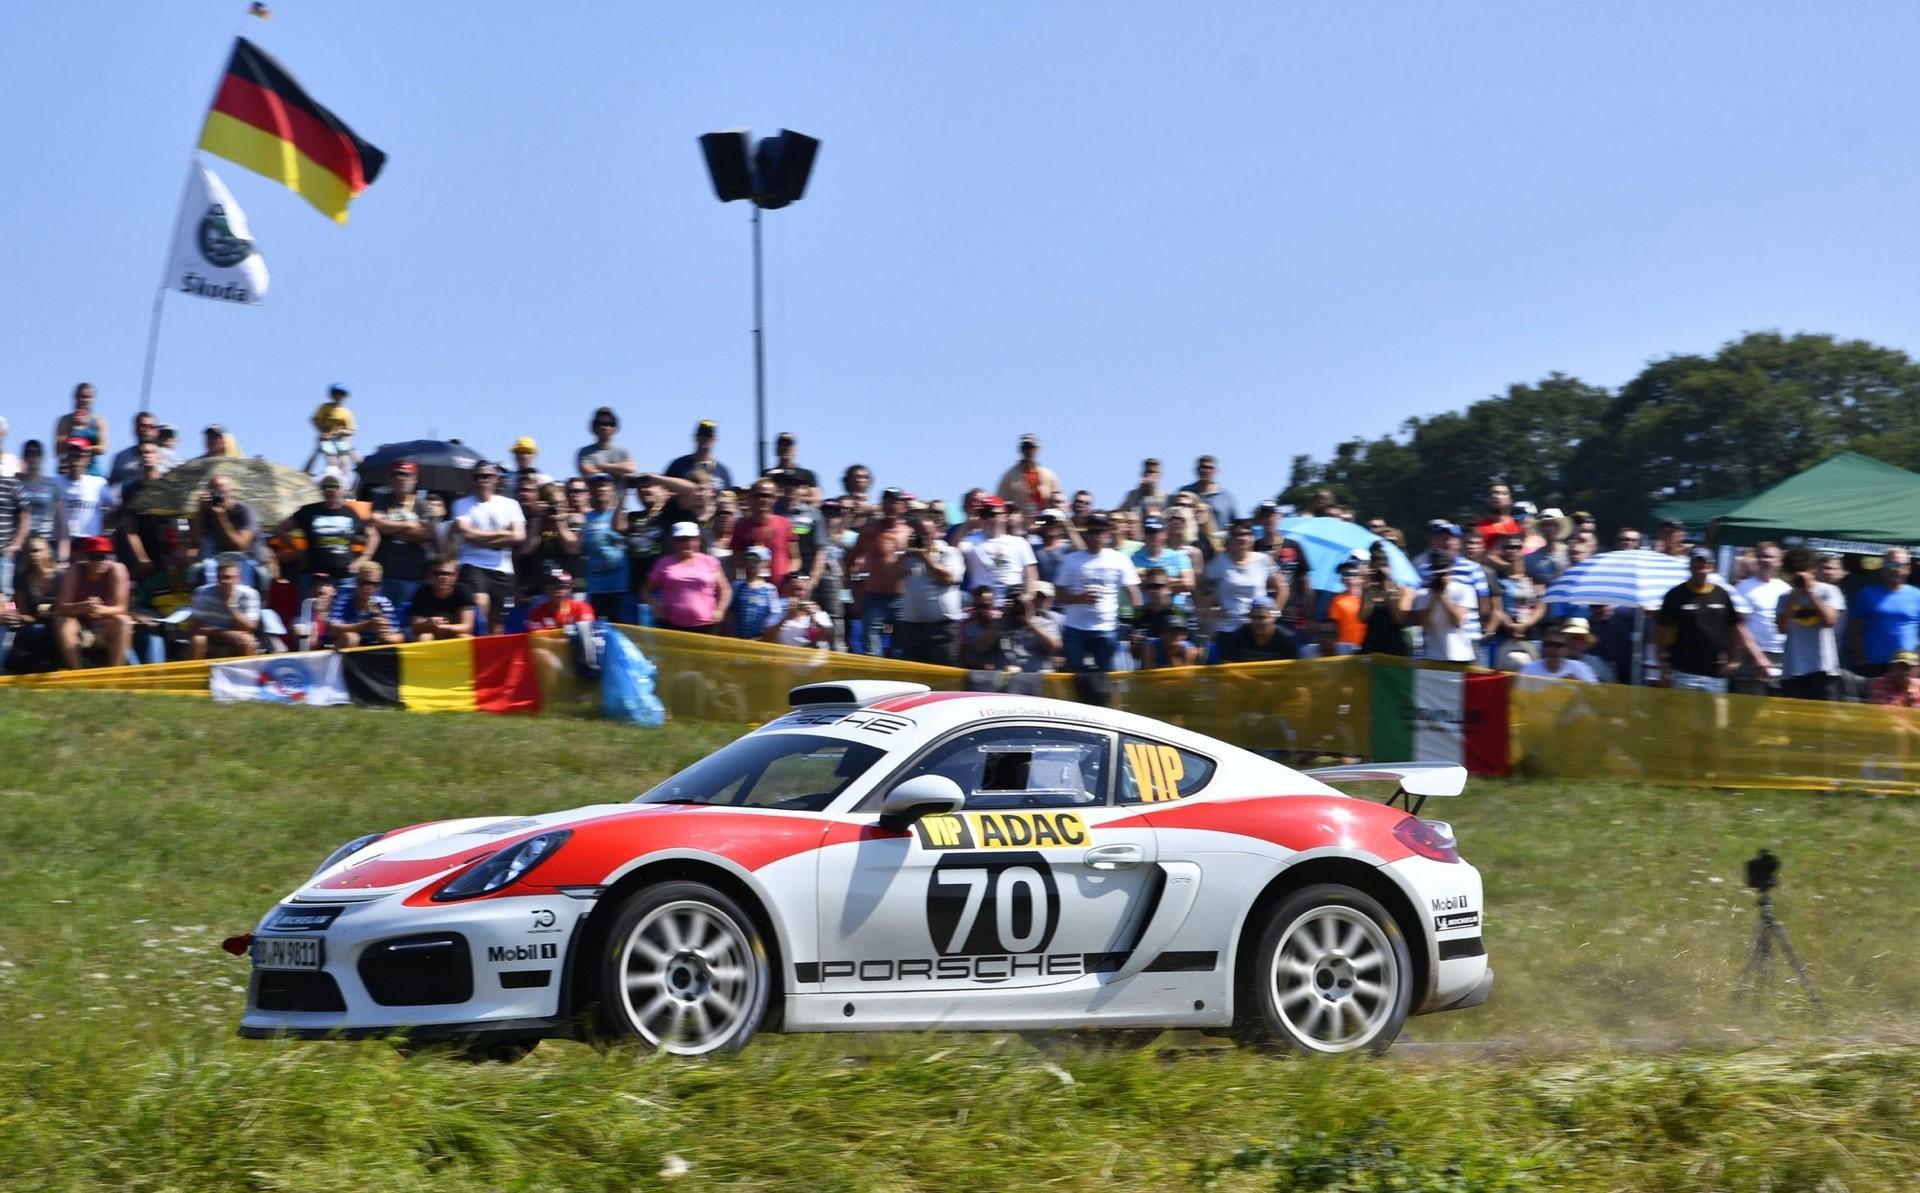 porsche-cayman-gt4-clubsport-rally-concept-16-1